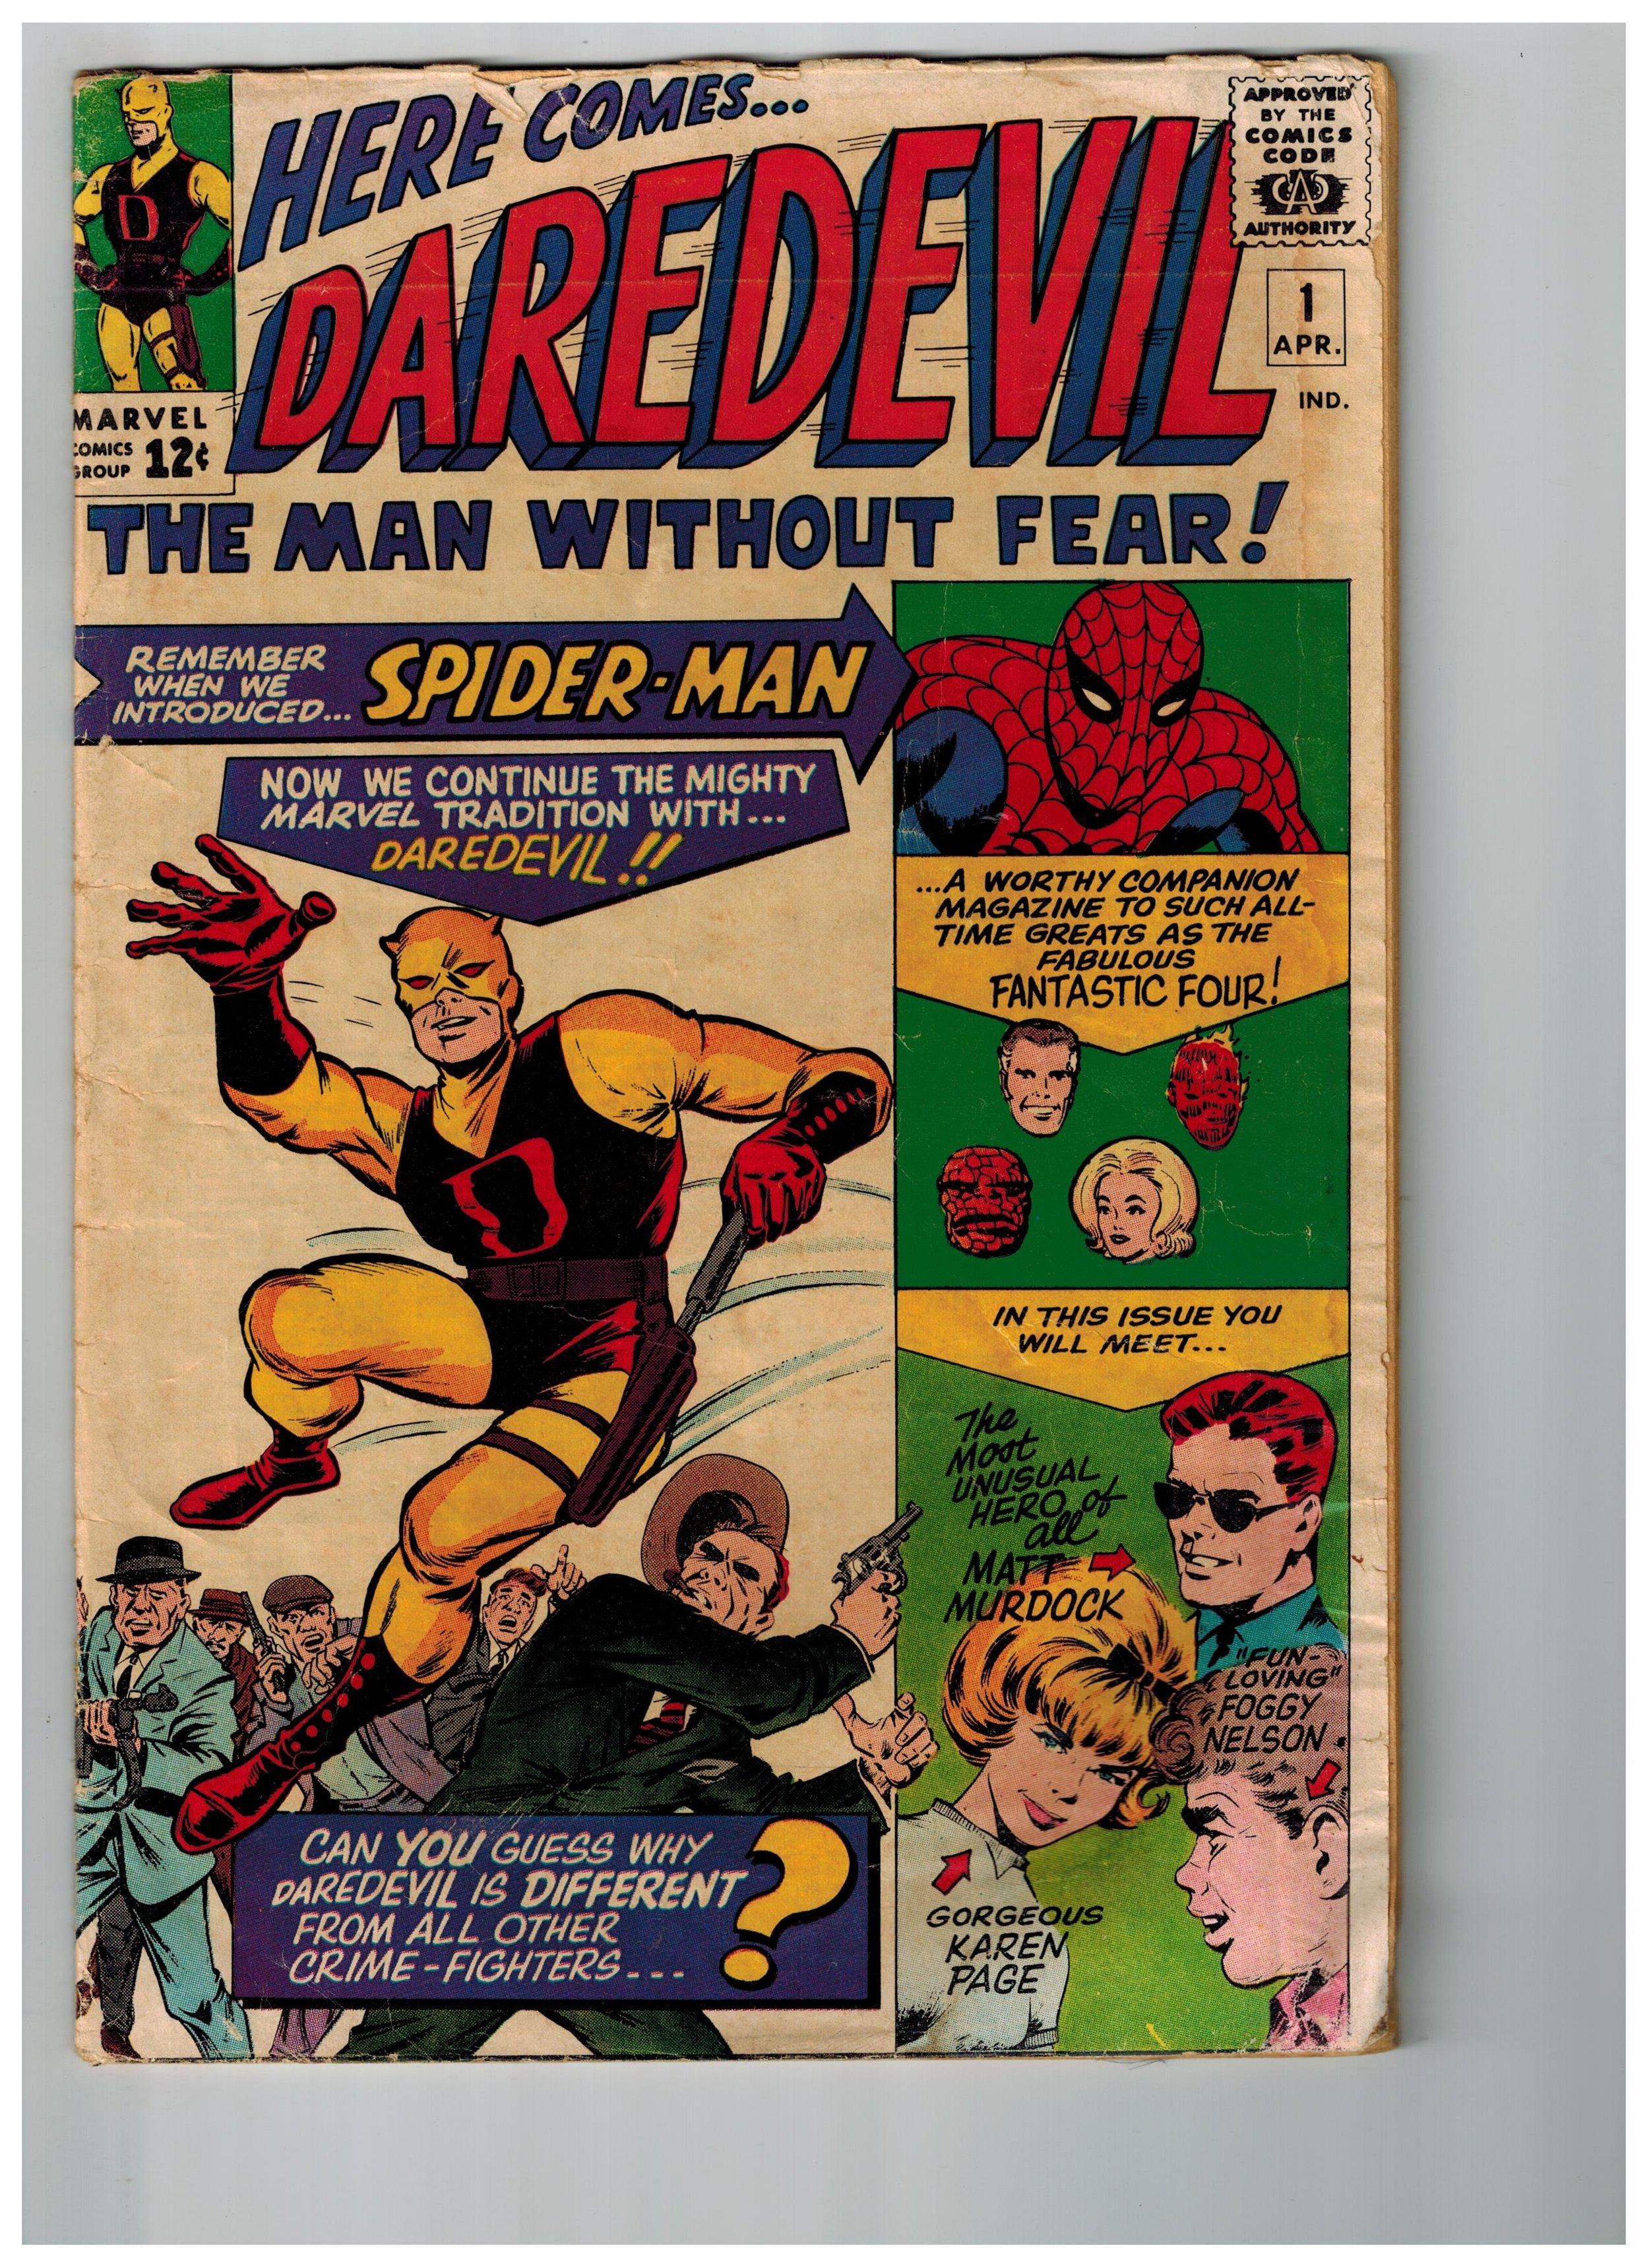 Daredevil1.jpg